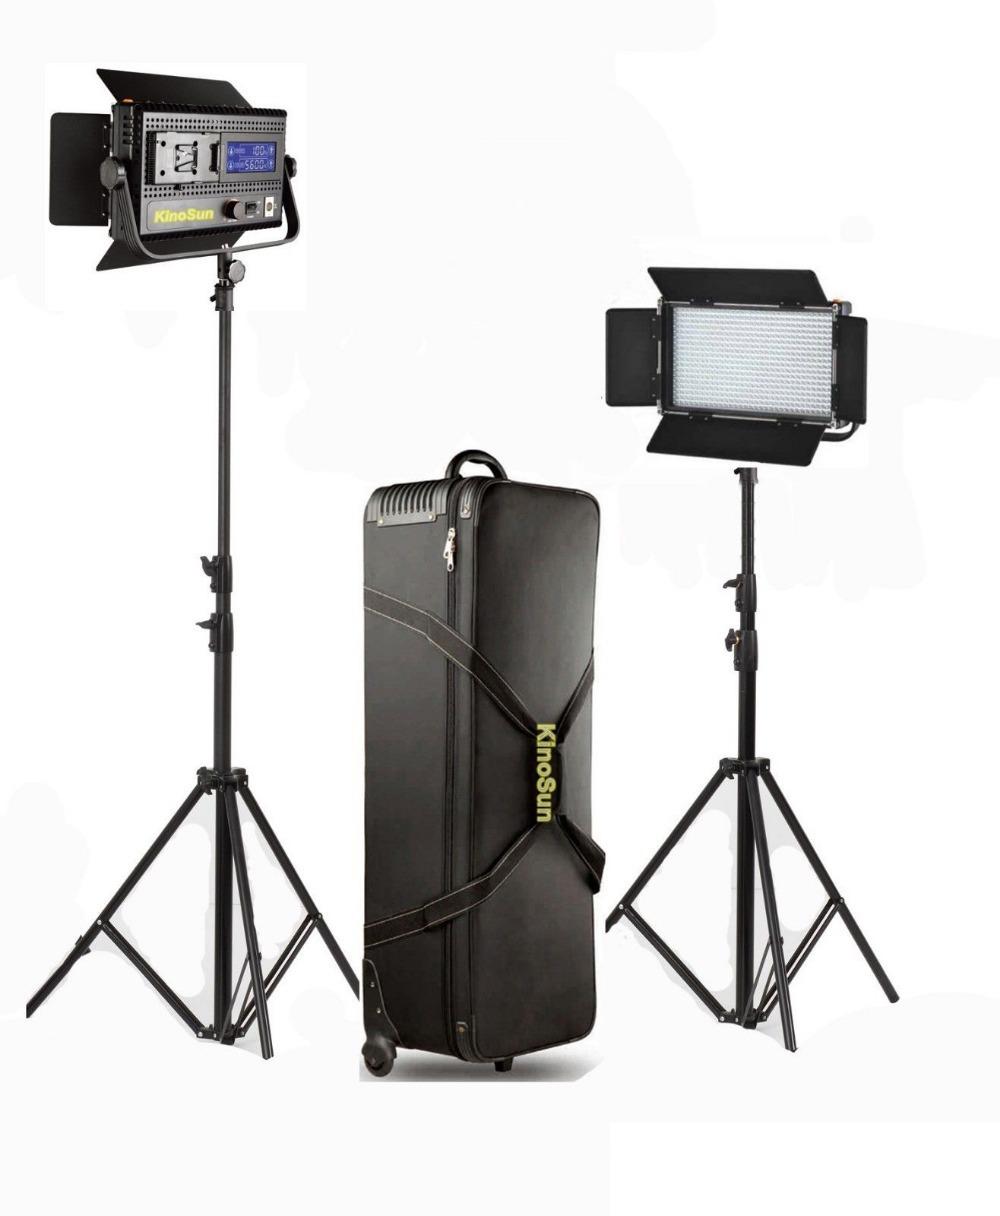 Forte lumière peut être obscurci la lumière du jour 2*led576 thermoplastique 2 stand+1 flycase conduit lampe vidéo